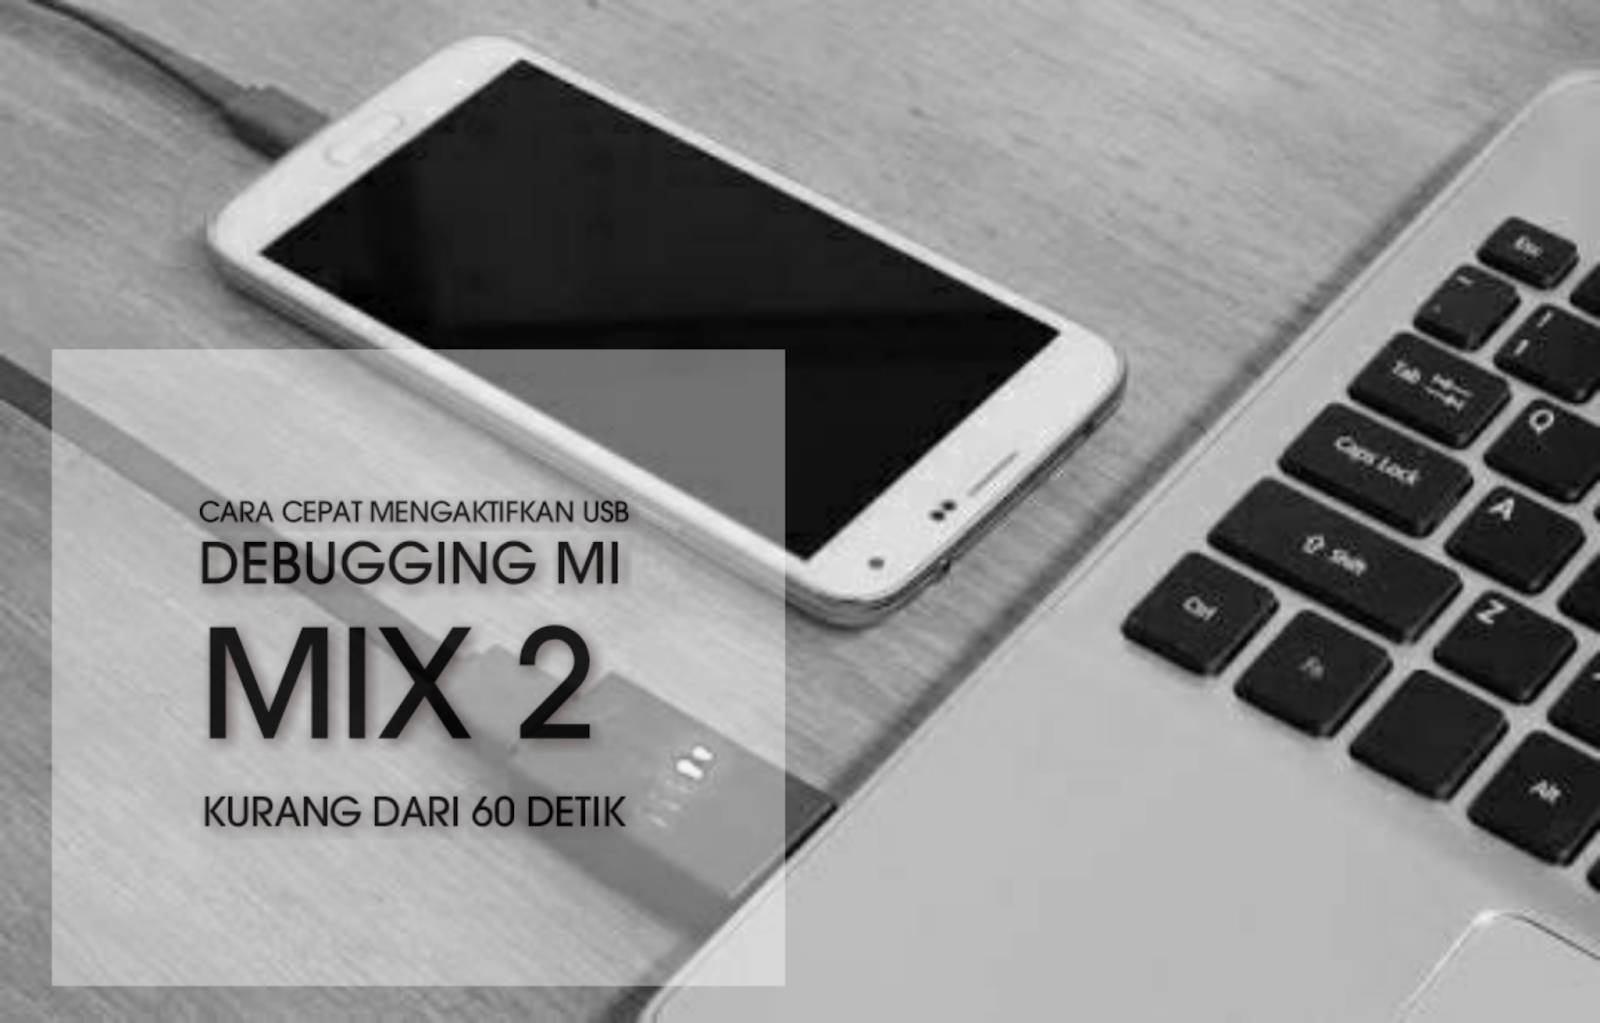 Cara cepat mengaktifkan USB debugging Mi MIX 2 kurang dari 60 detik